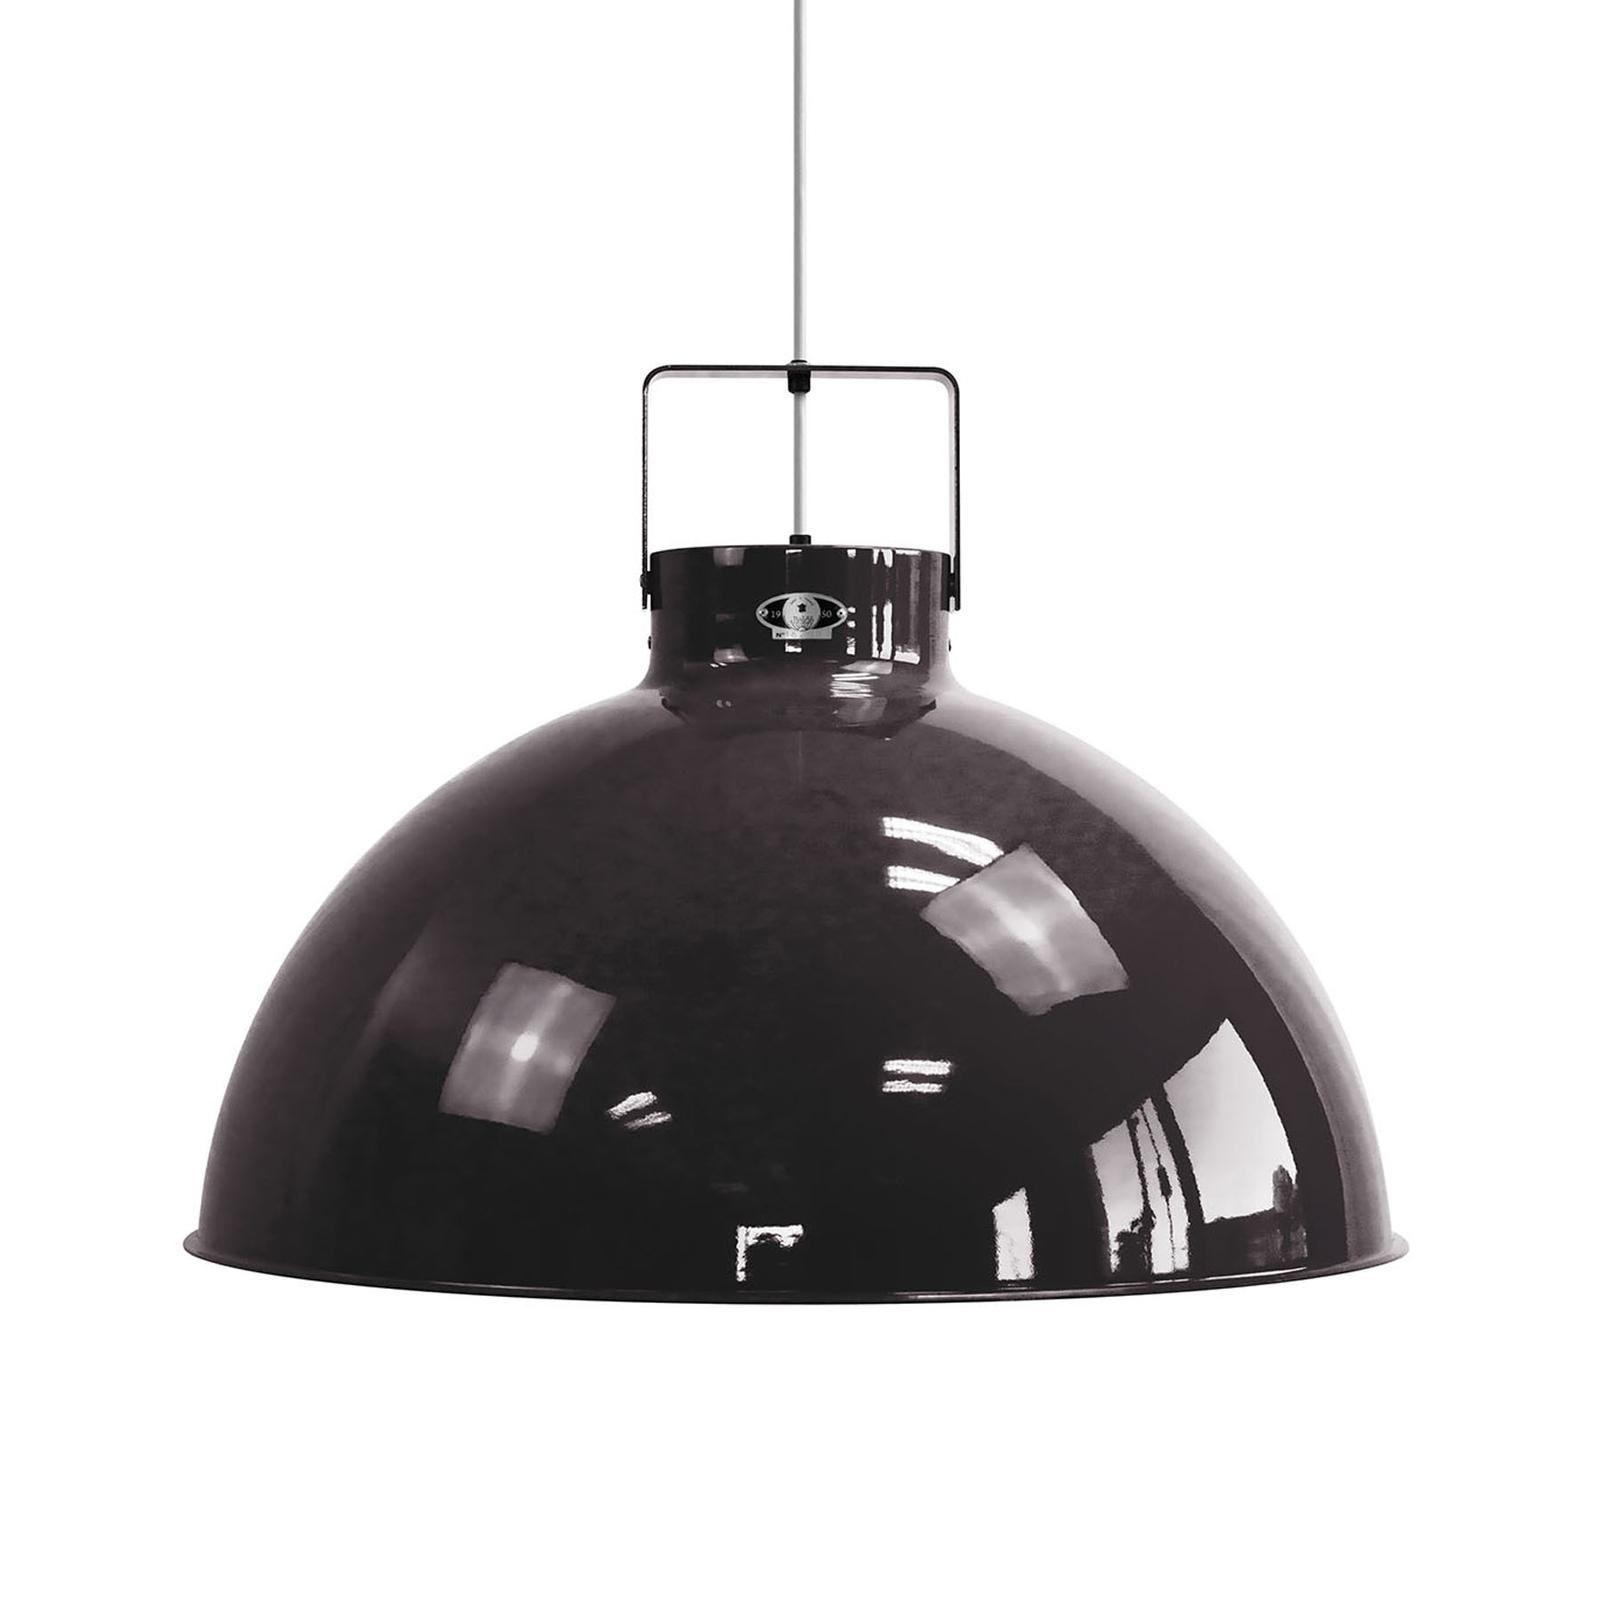 Jieldé Dante D675 hanglamp, zwart, Ø 67,5 cm